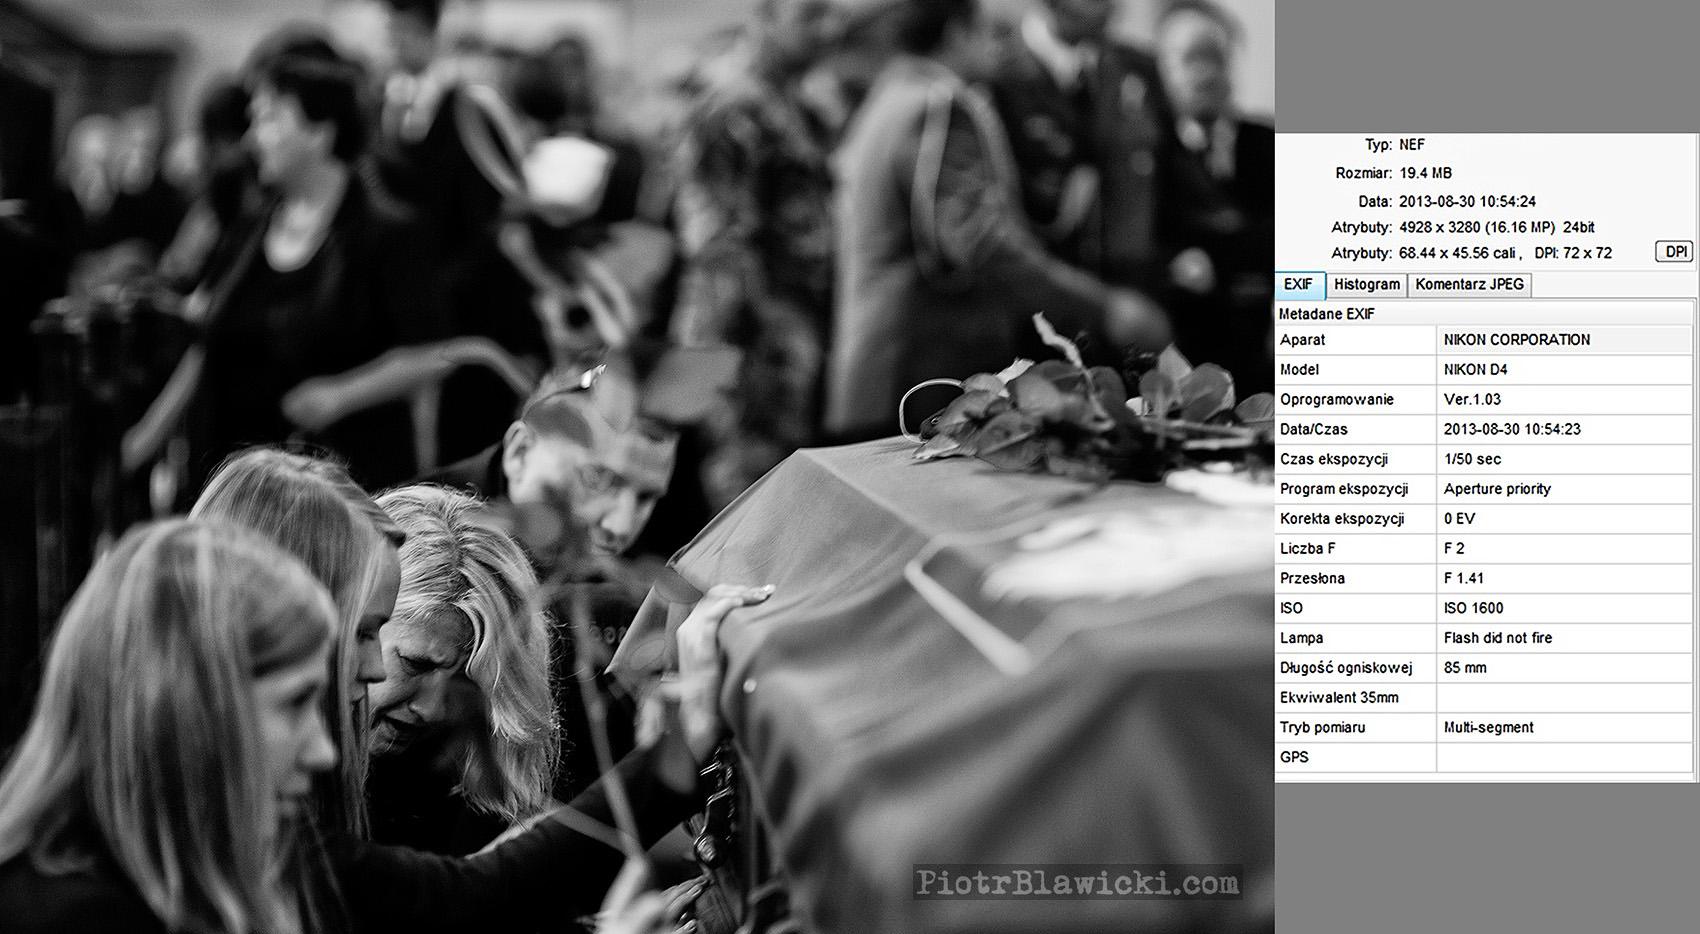 Lubliniec. Pogrzeb polskiego komandosa JWK Lubliniec chor. Mirosława Łuckiego, który zginął w Afganistanie od wybuchu miny pułapki w nocy z 23 na 24 sierpnia 2013 roku. To pierwszy zabity w Afganistanie komandos z prestiżowej polskiej formacji komandosów Task Force 50. Chorąży Łucki zostawił żonę i syna. Dotychczas w Afganistanie zginęło 41 polskich żołnierzy. Na zdjęciu kościół św. Stanisława Kostki – rodzina przy trumnie poległego komandosa.